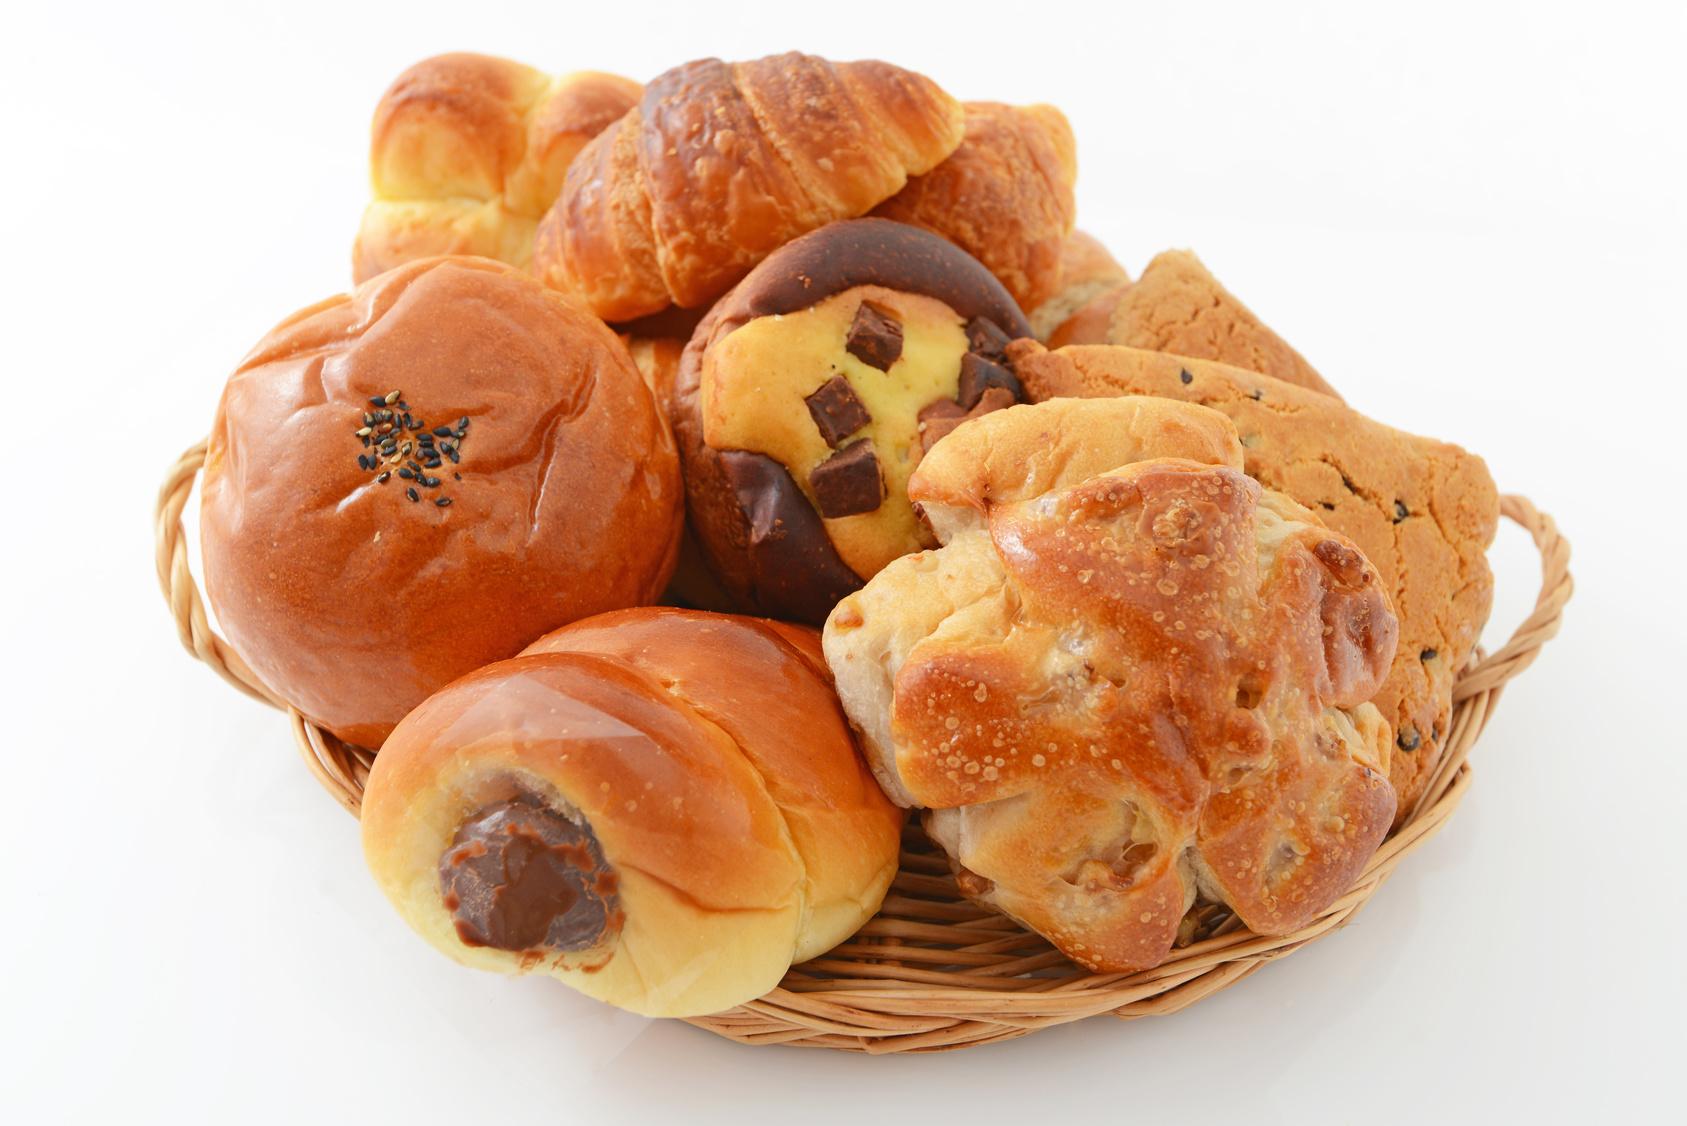 元旦の朝ごはんに\u201cコンビニの菓子パン\u201dってありですか